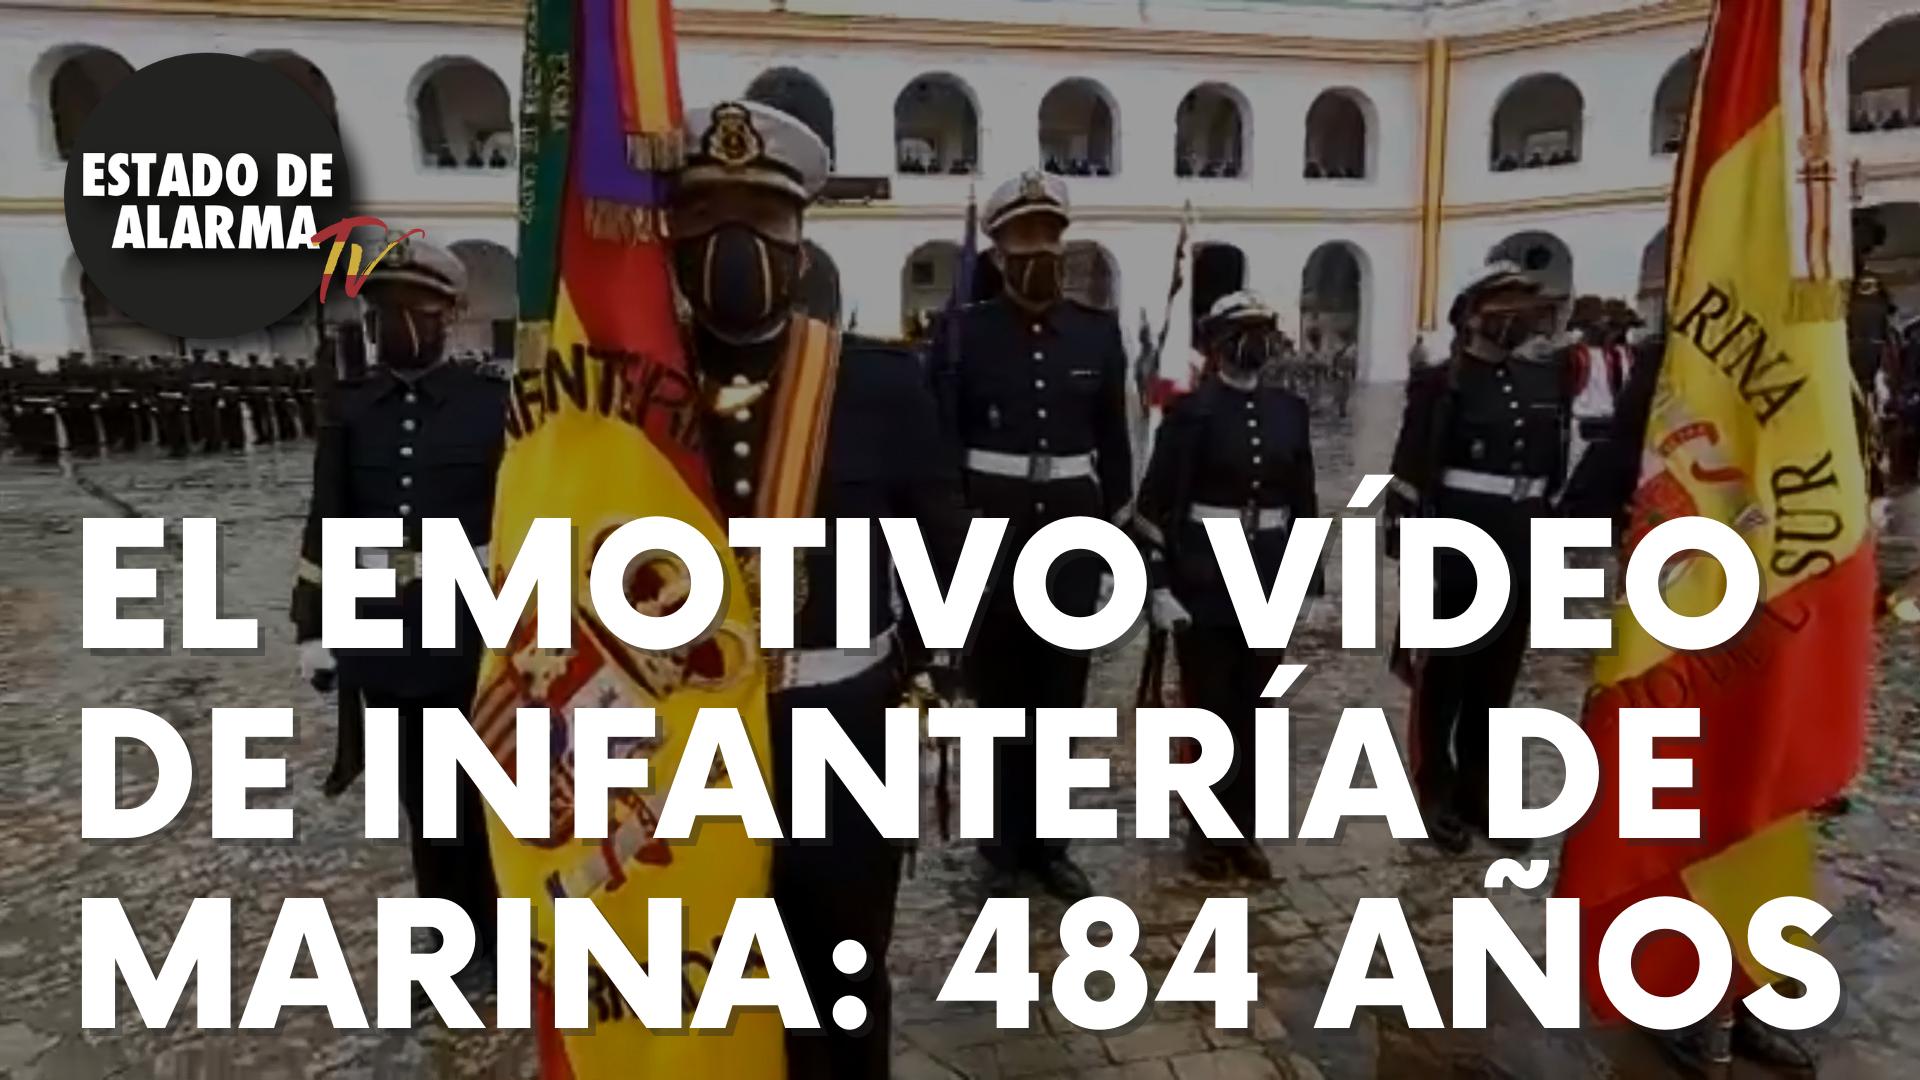 El emotivo vídeo de Infantería de Marian: 484 años